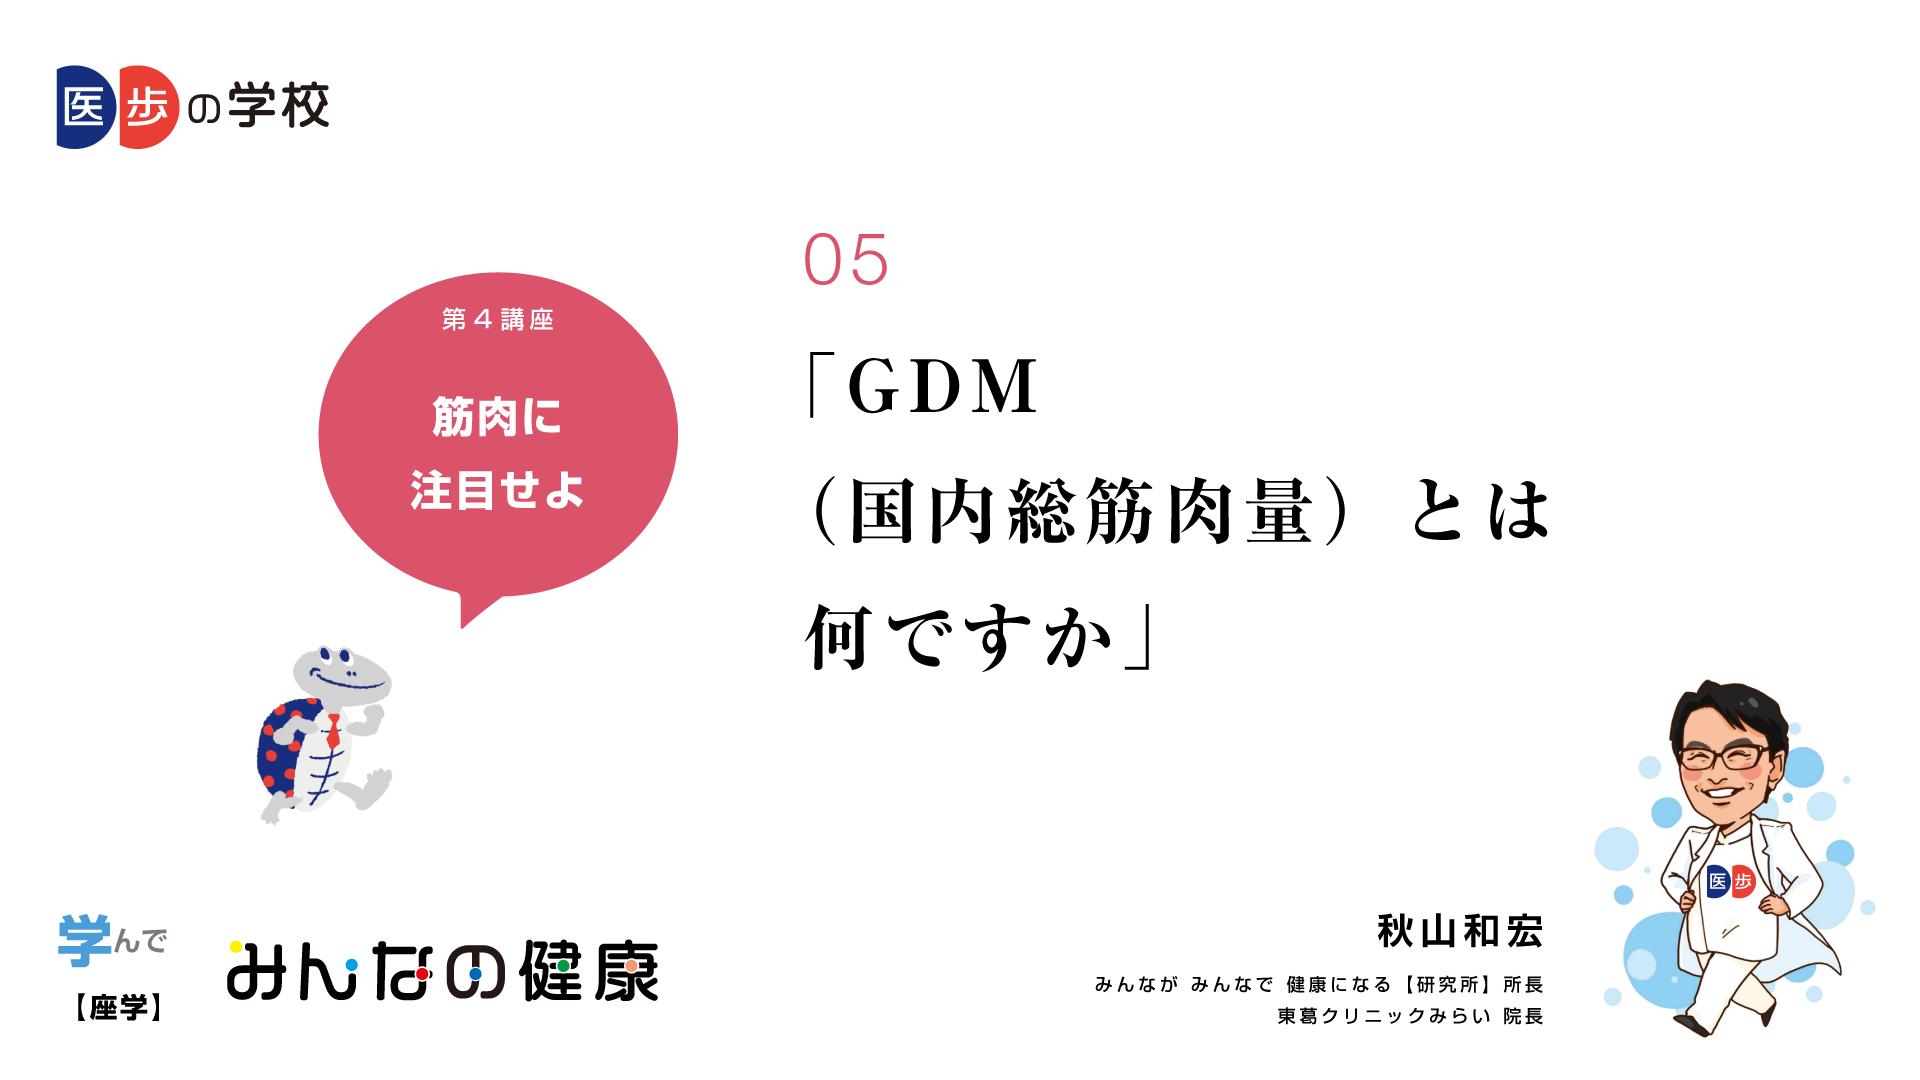 【筋肉に注目せよ】05:GDM(国内総筋肉量)とは何ですか。